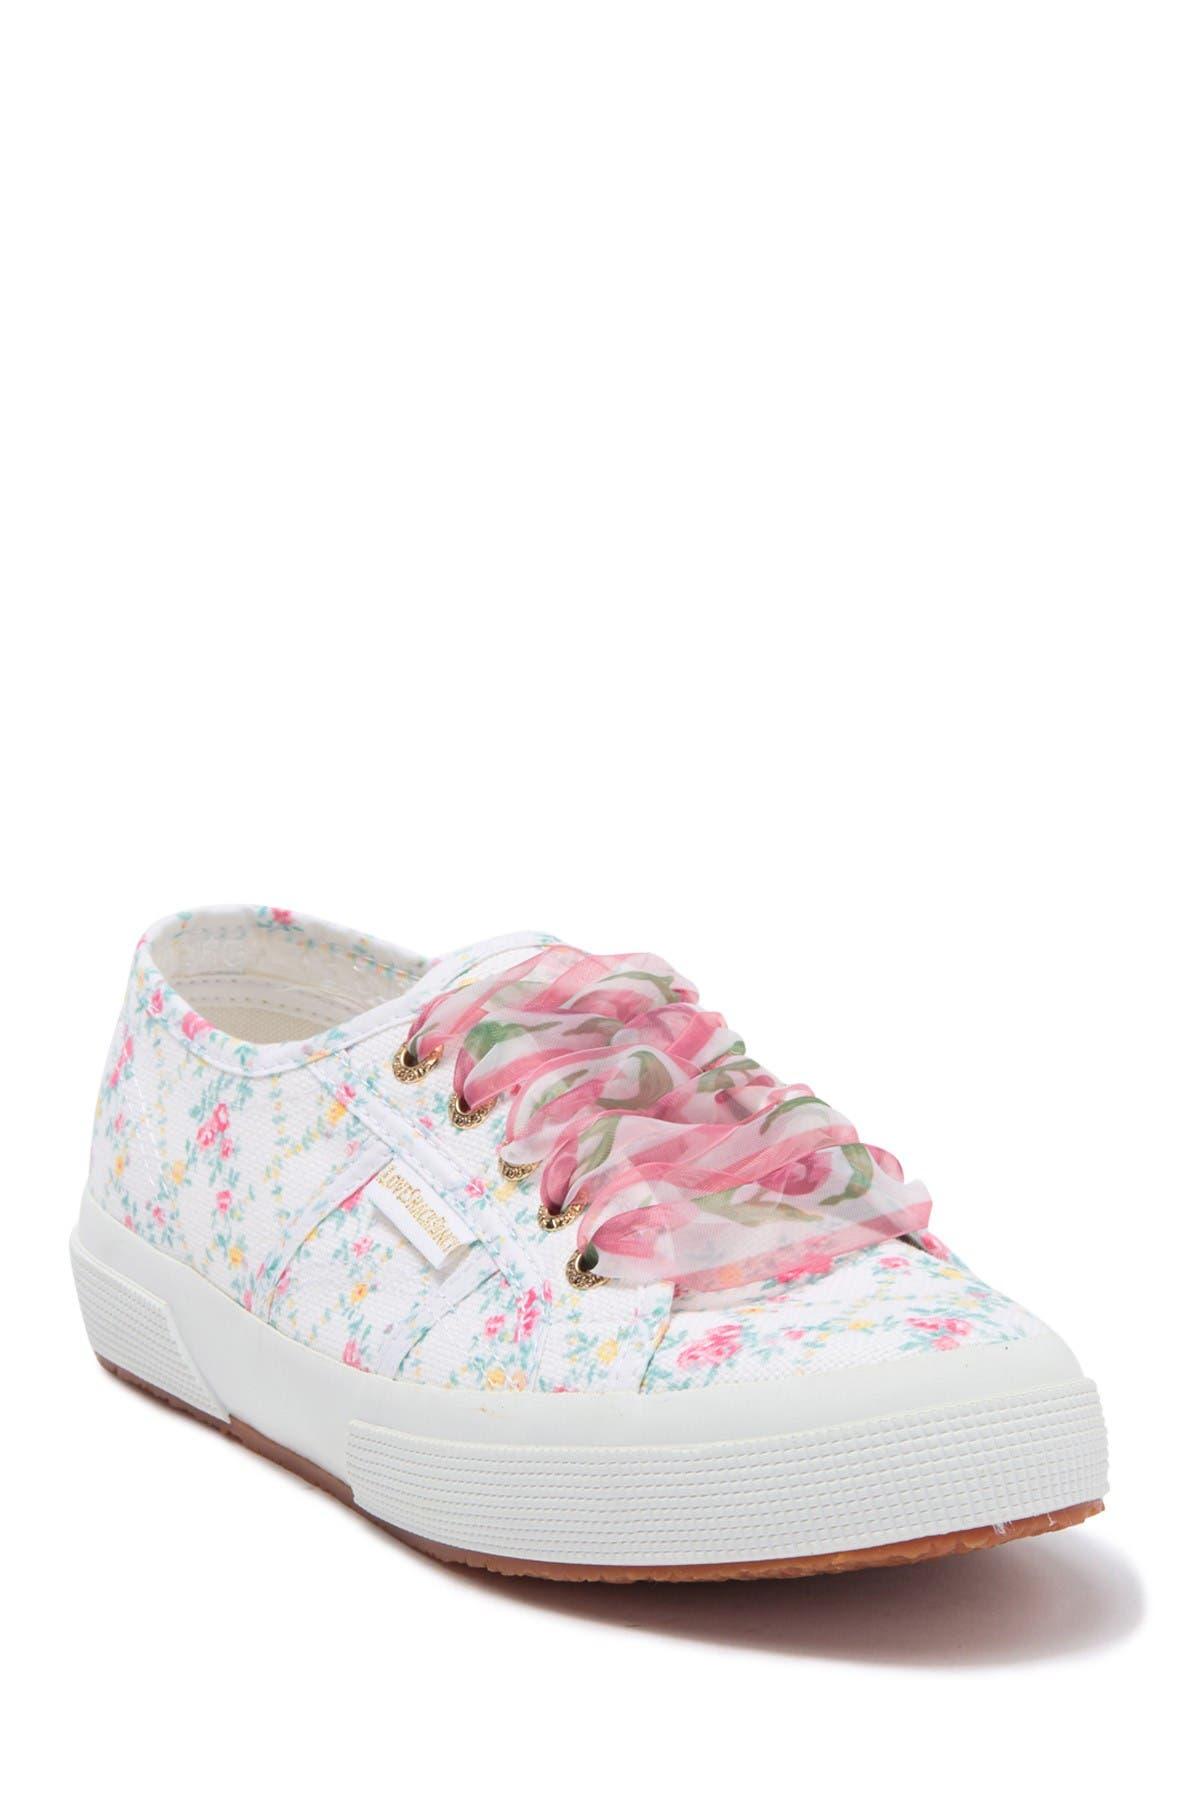 Image of Superga 2750 Fancot Floral Sneaker